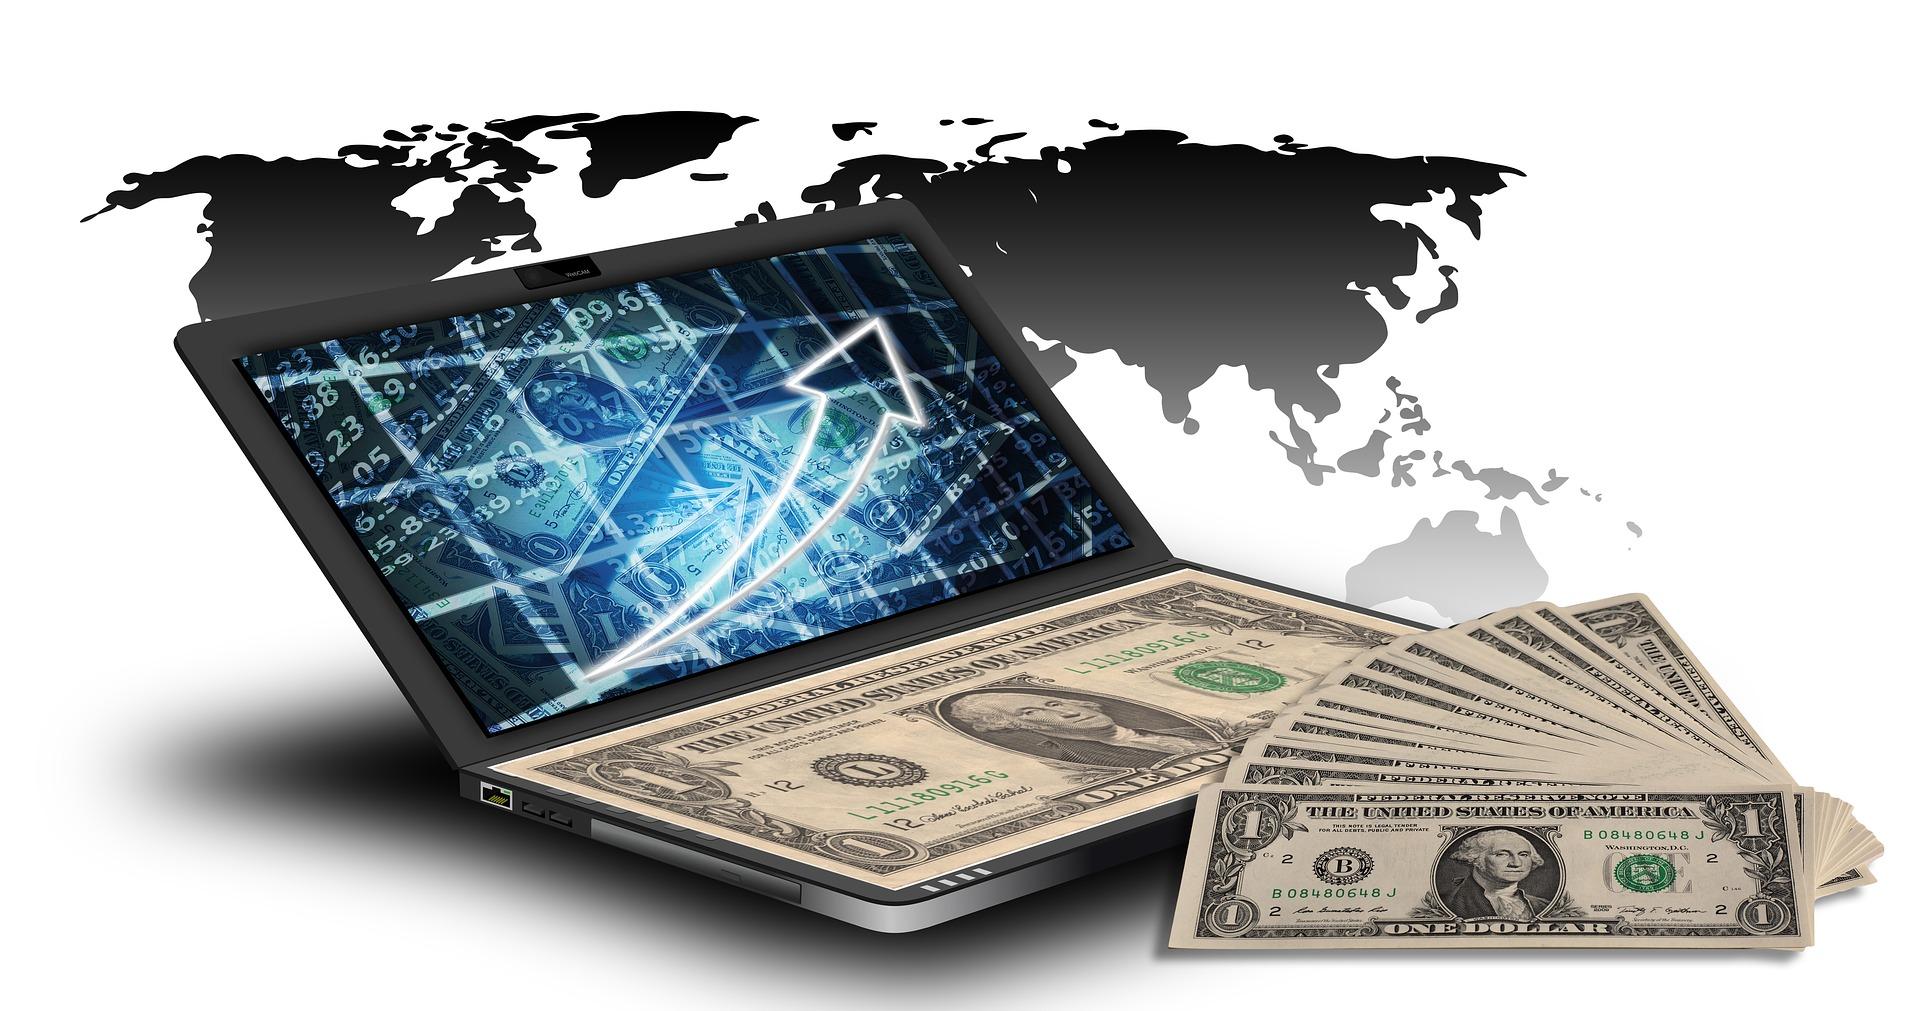 Laptop Dollar - online geld verdienen, schnell geld verdienen, arbeiten von zu hause